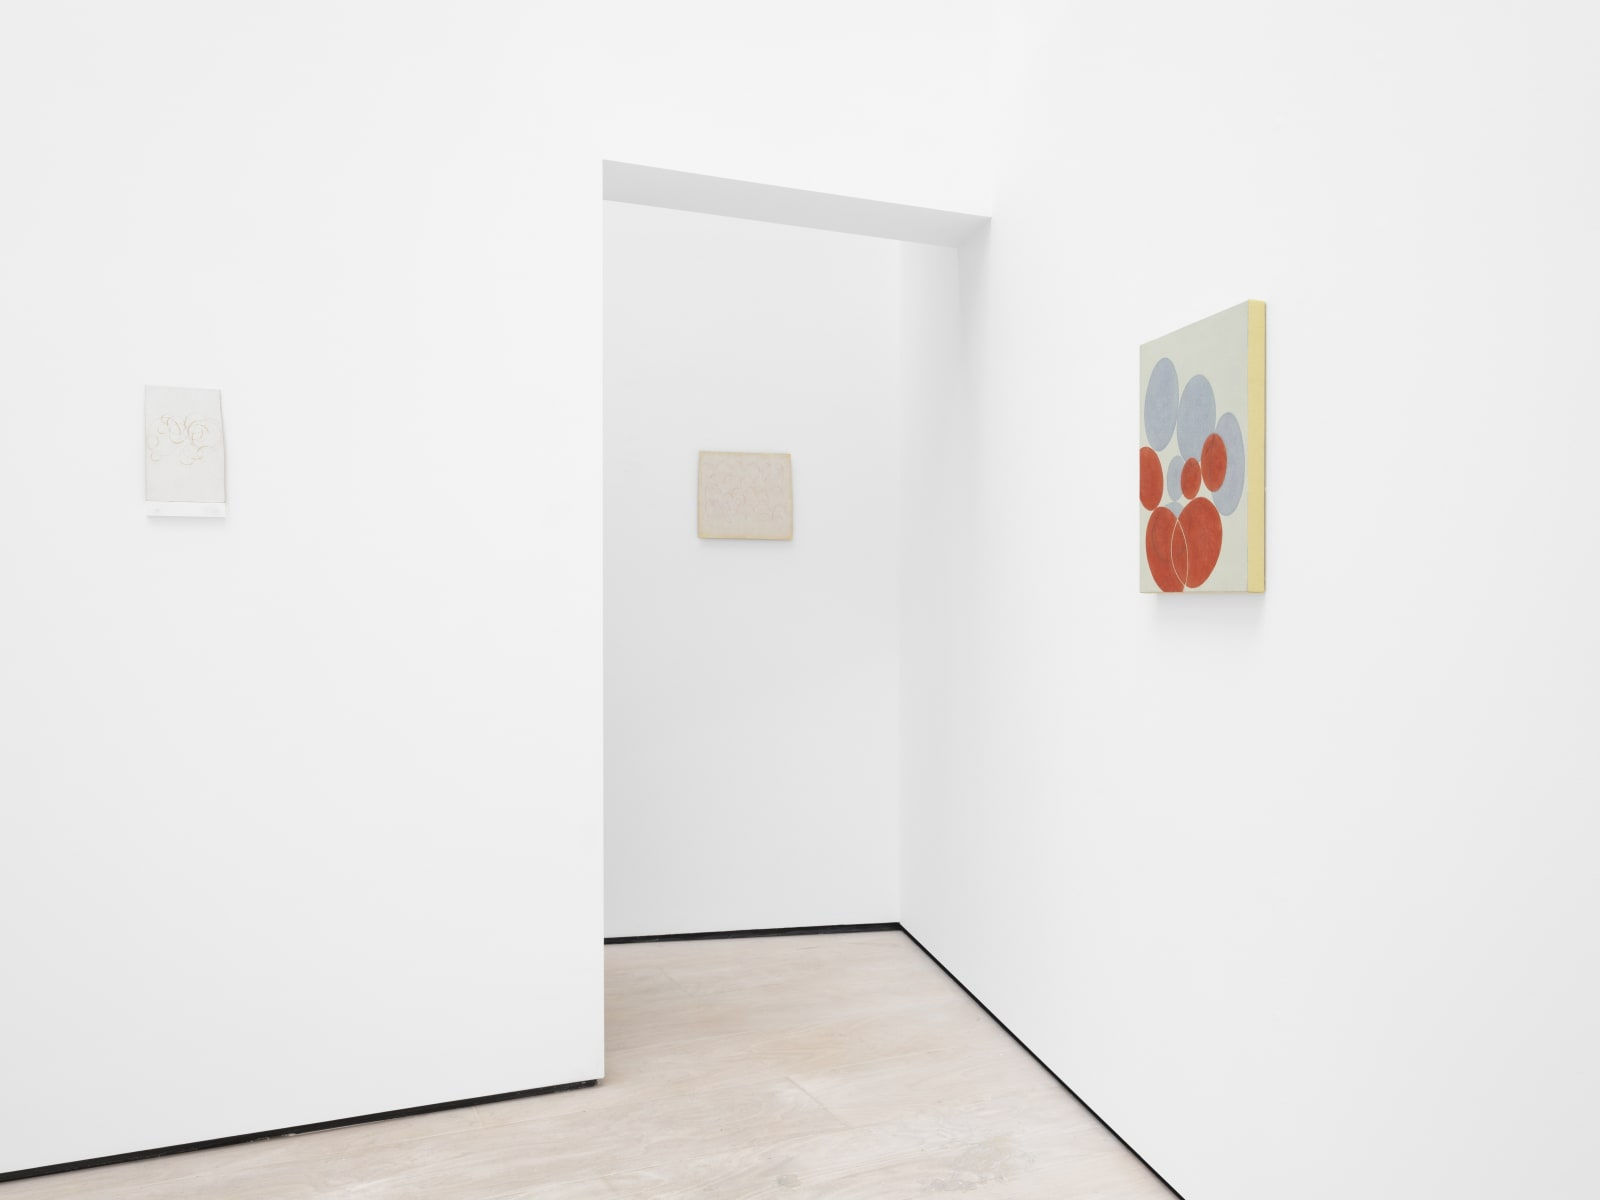 Installation view Alejandro Corujeira : Respiración. Cecilia Brunson Projects, London. 19 October - 13 November 2020. Photography by Eva Herzog